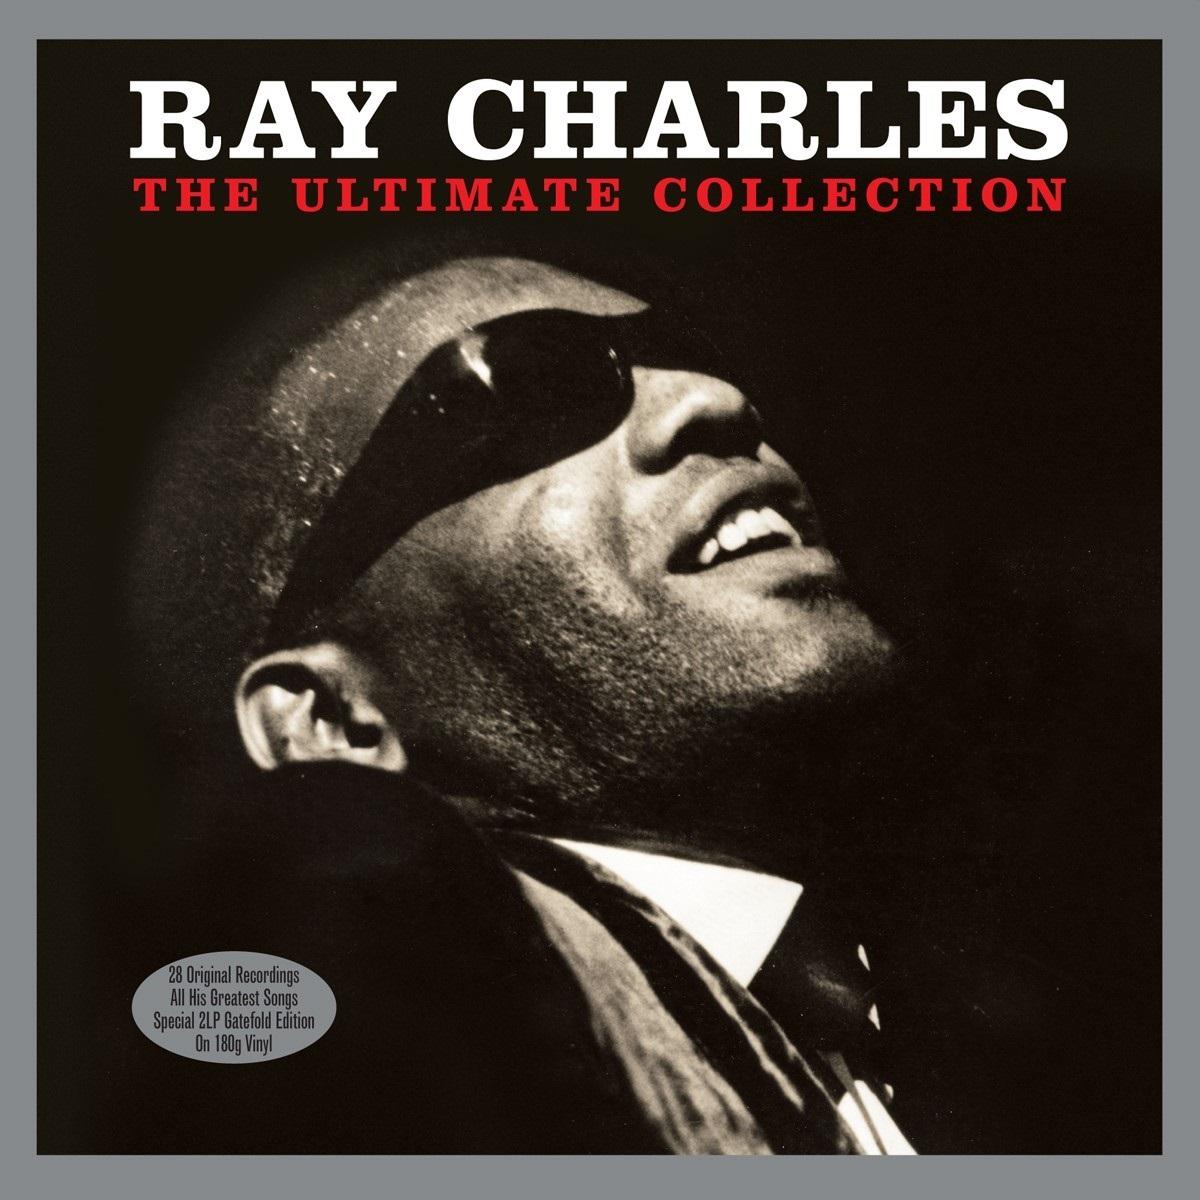 Ray Charles – The Ultimate Collection (2 LP)В альбоме Ray Charles – The Ultimate Collection собраны самые лучшие треки легендарного джазового музыканта Рэя Чарльза.<br>